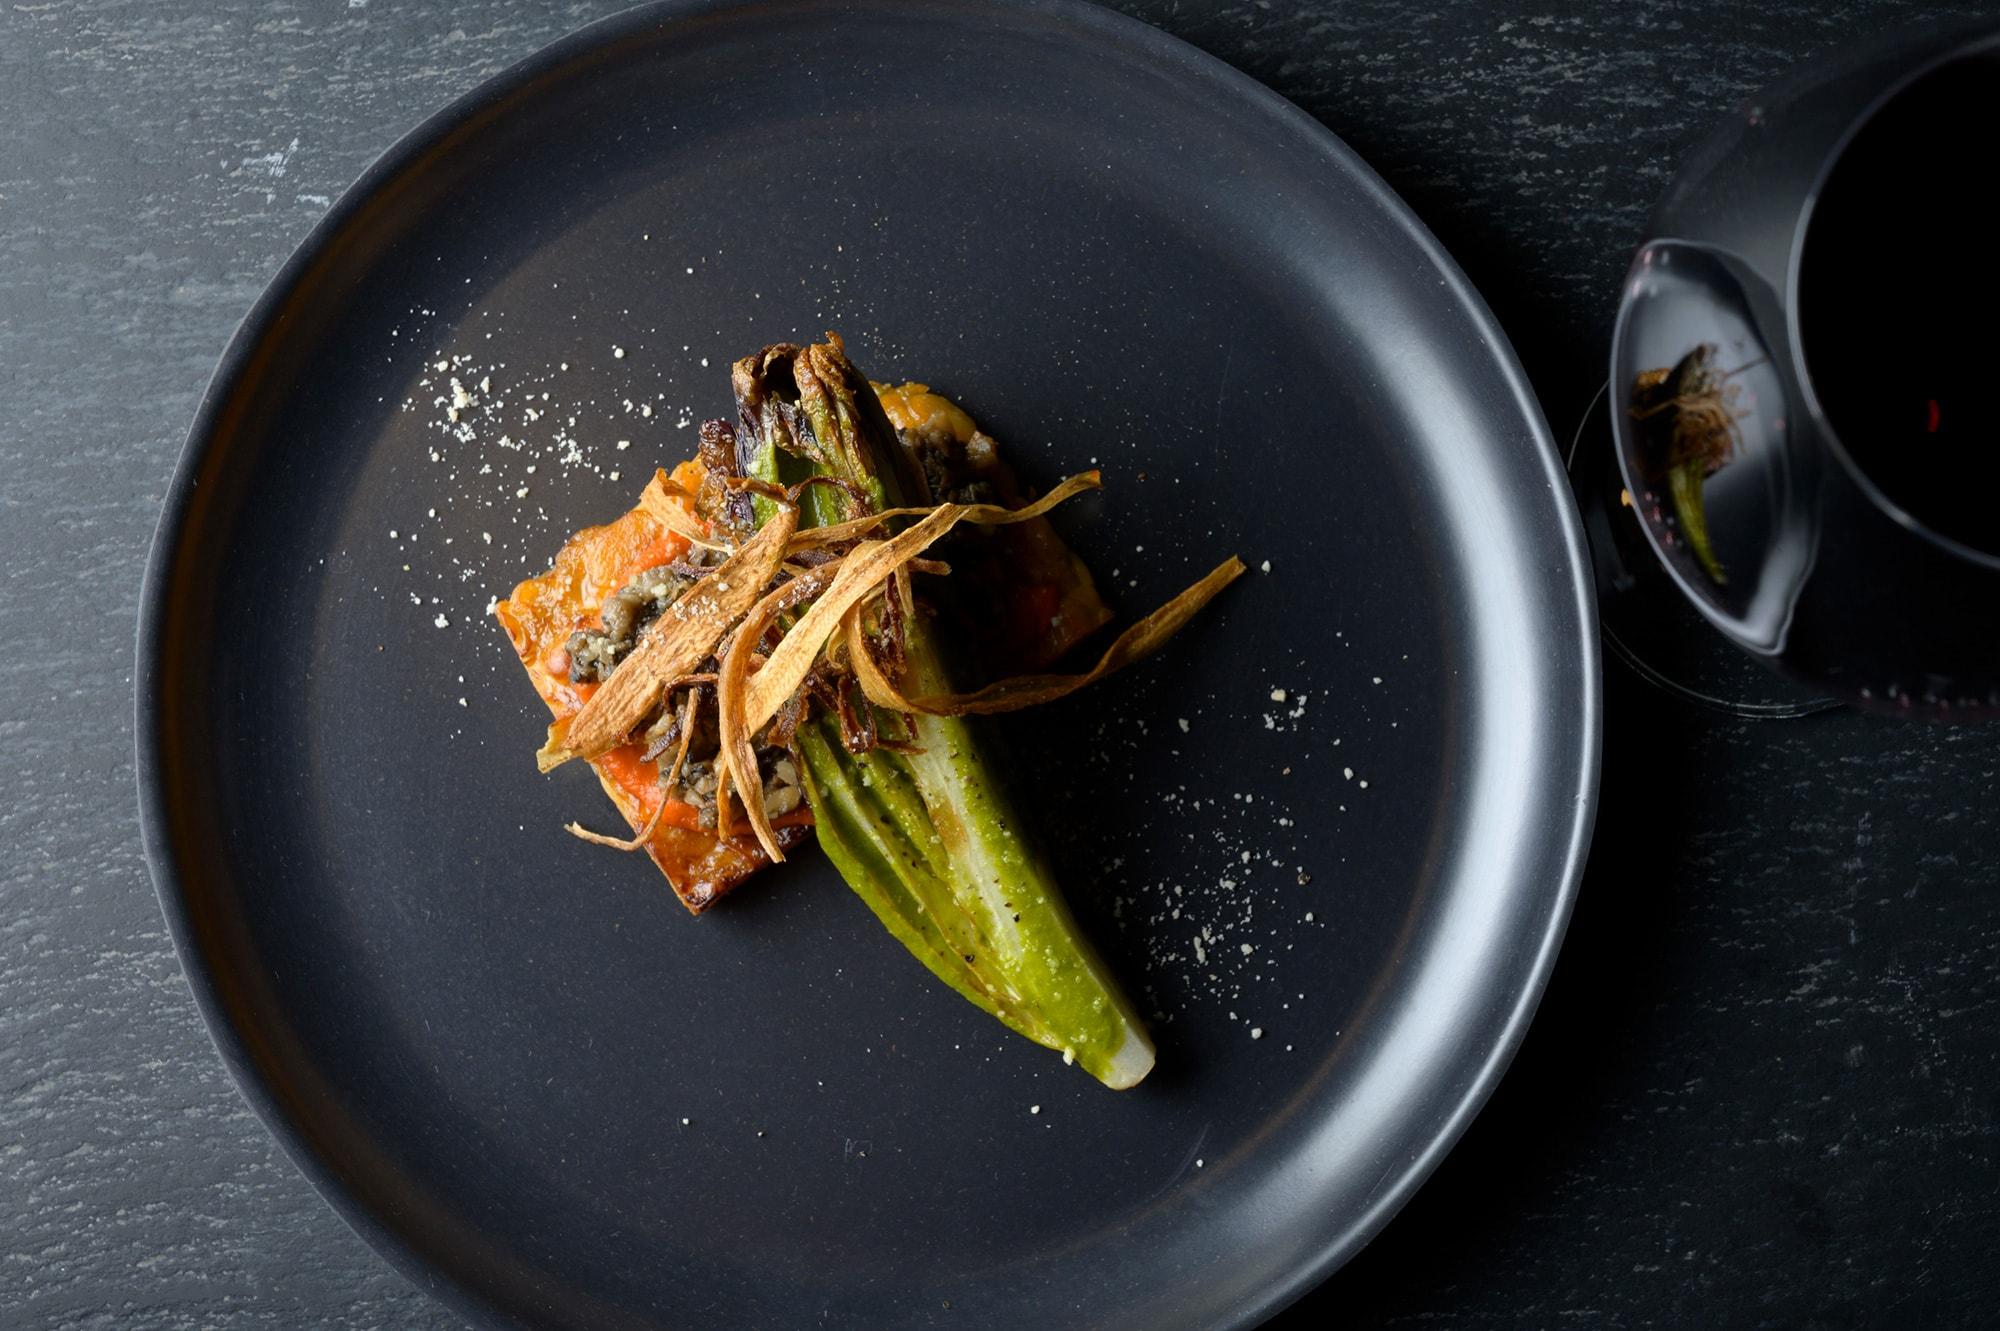 インドネシア発祥のテンペ菌で大豆を発酵させた食品「テンペ」を使った一皿。